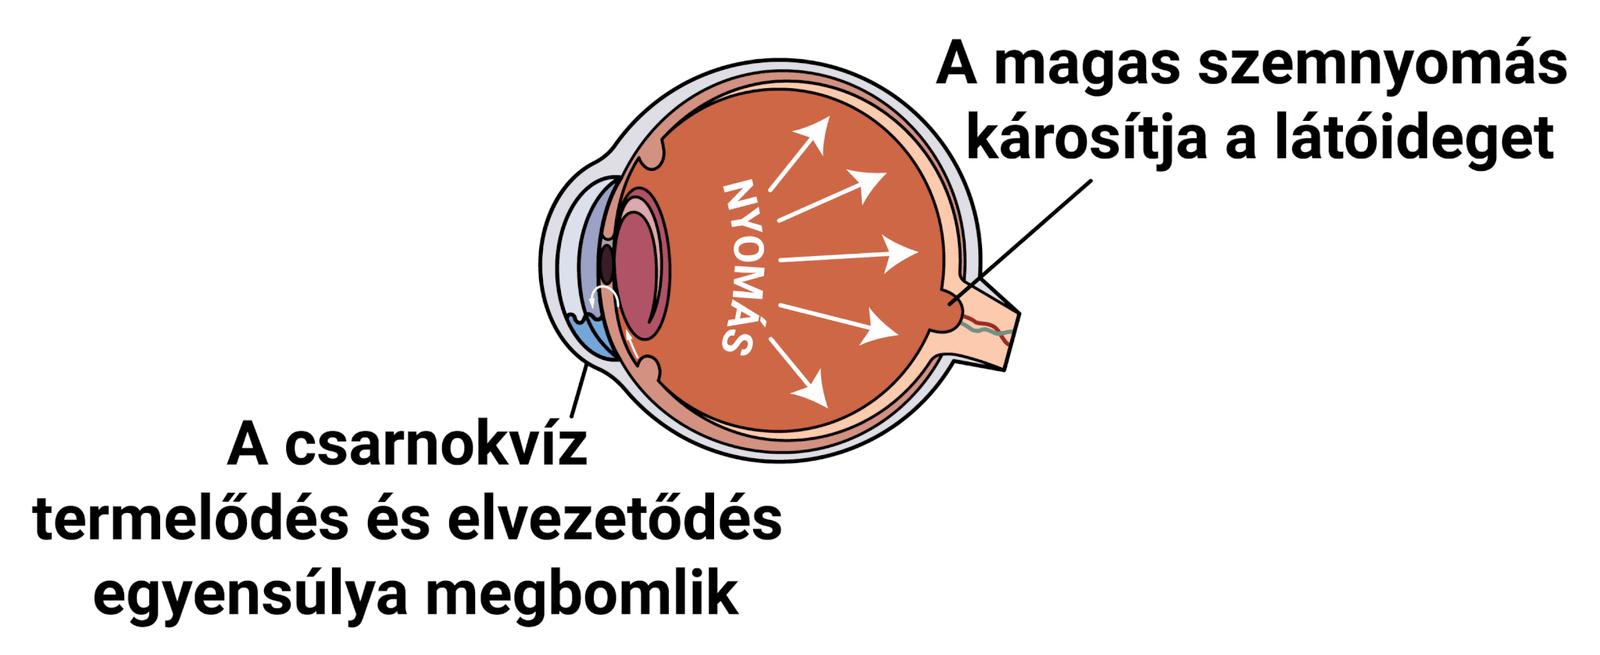 glaukóma és magas vérnyomás kezelés)